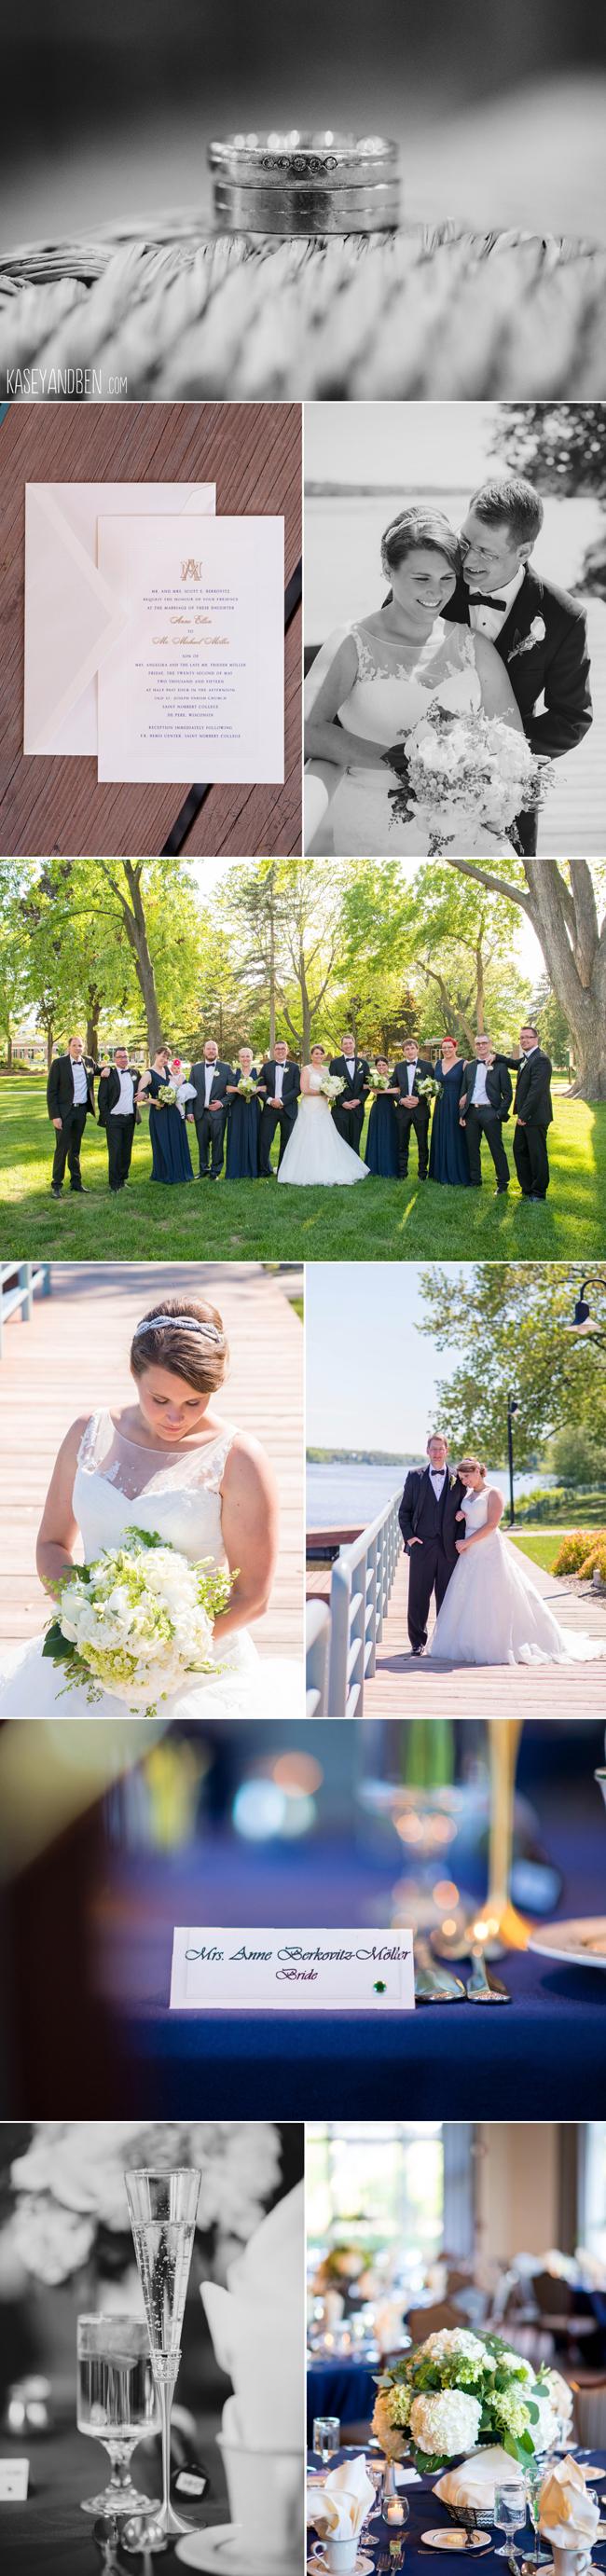 St-Norbert-Wedding-Photography-De-Pere-Wisconsin-Fox-River-Rowing-Bemis-Center-First-Look-Destination-Center-Kress-Kasey-and-Ben-Green-Bay-3